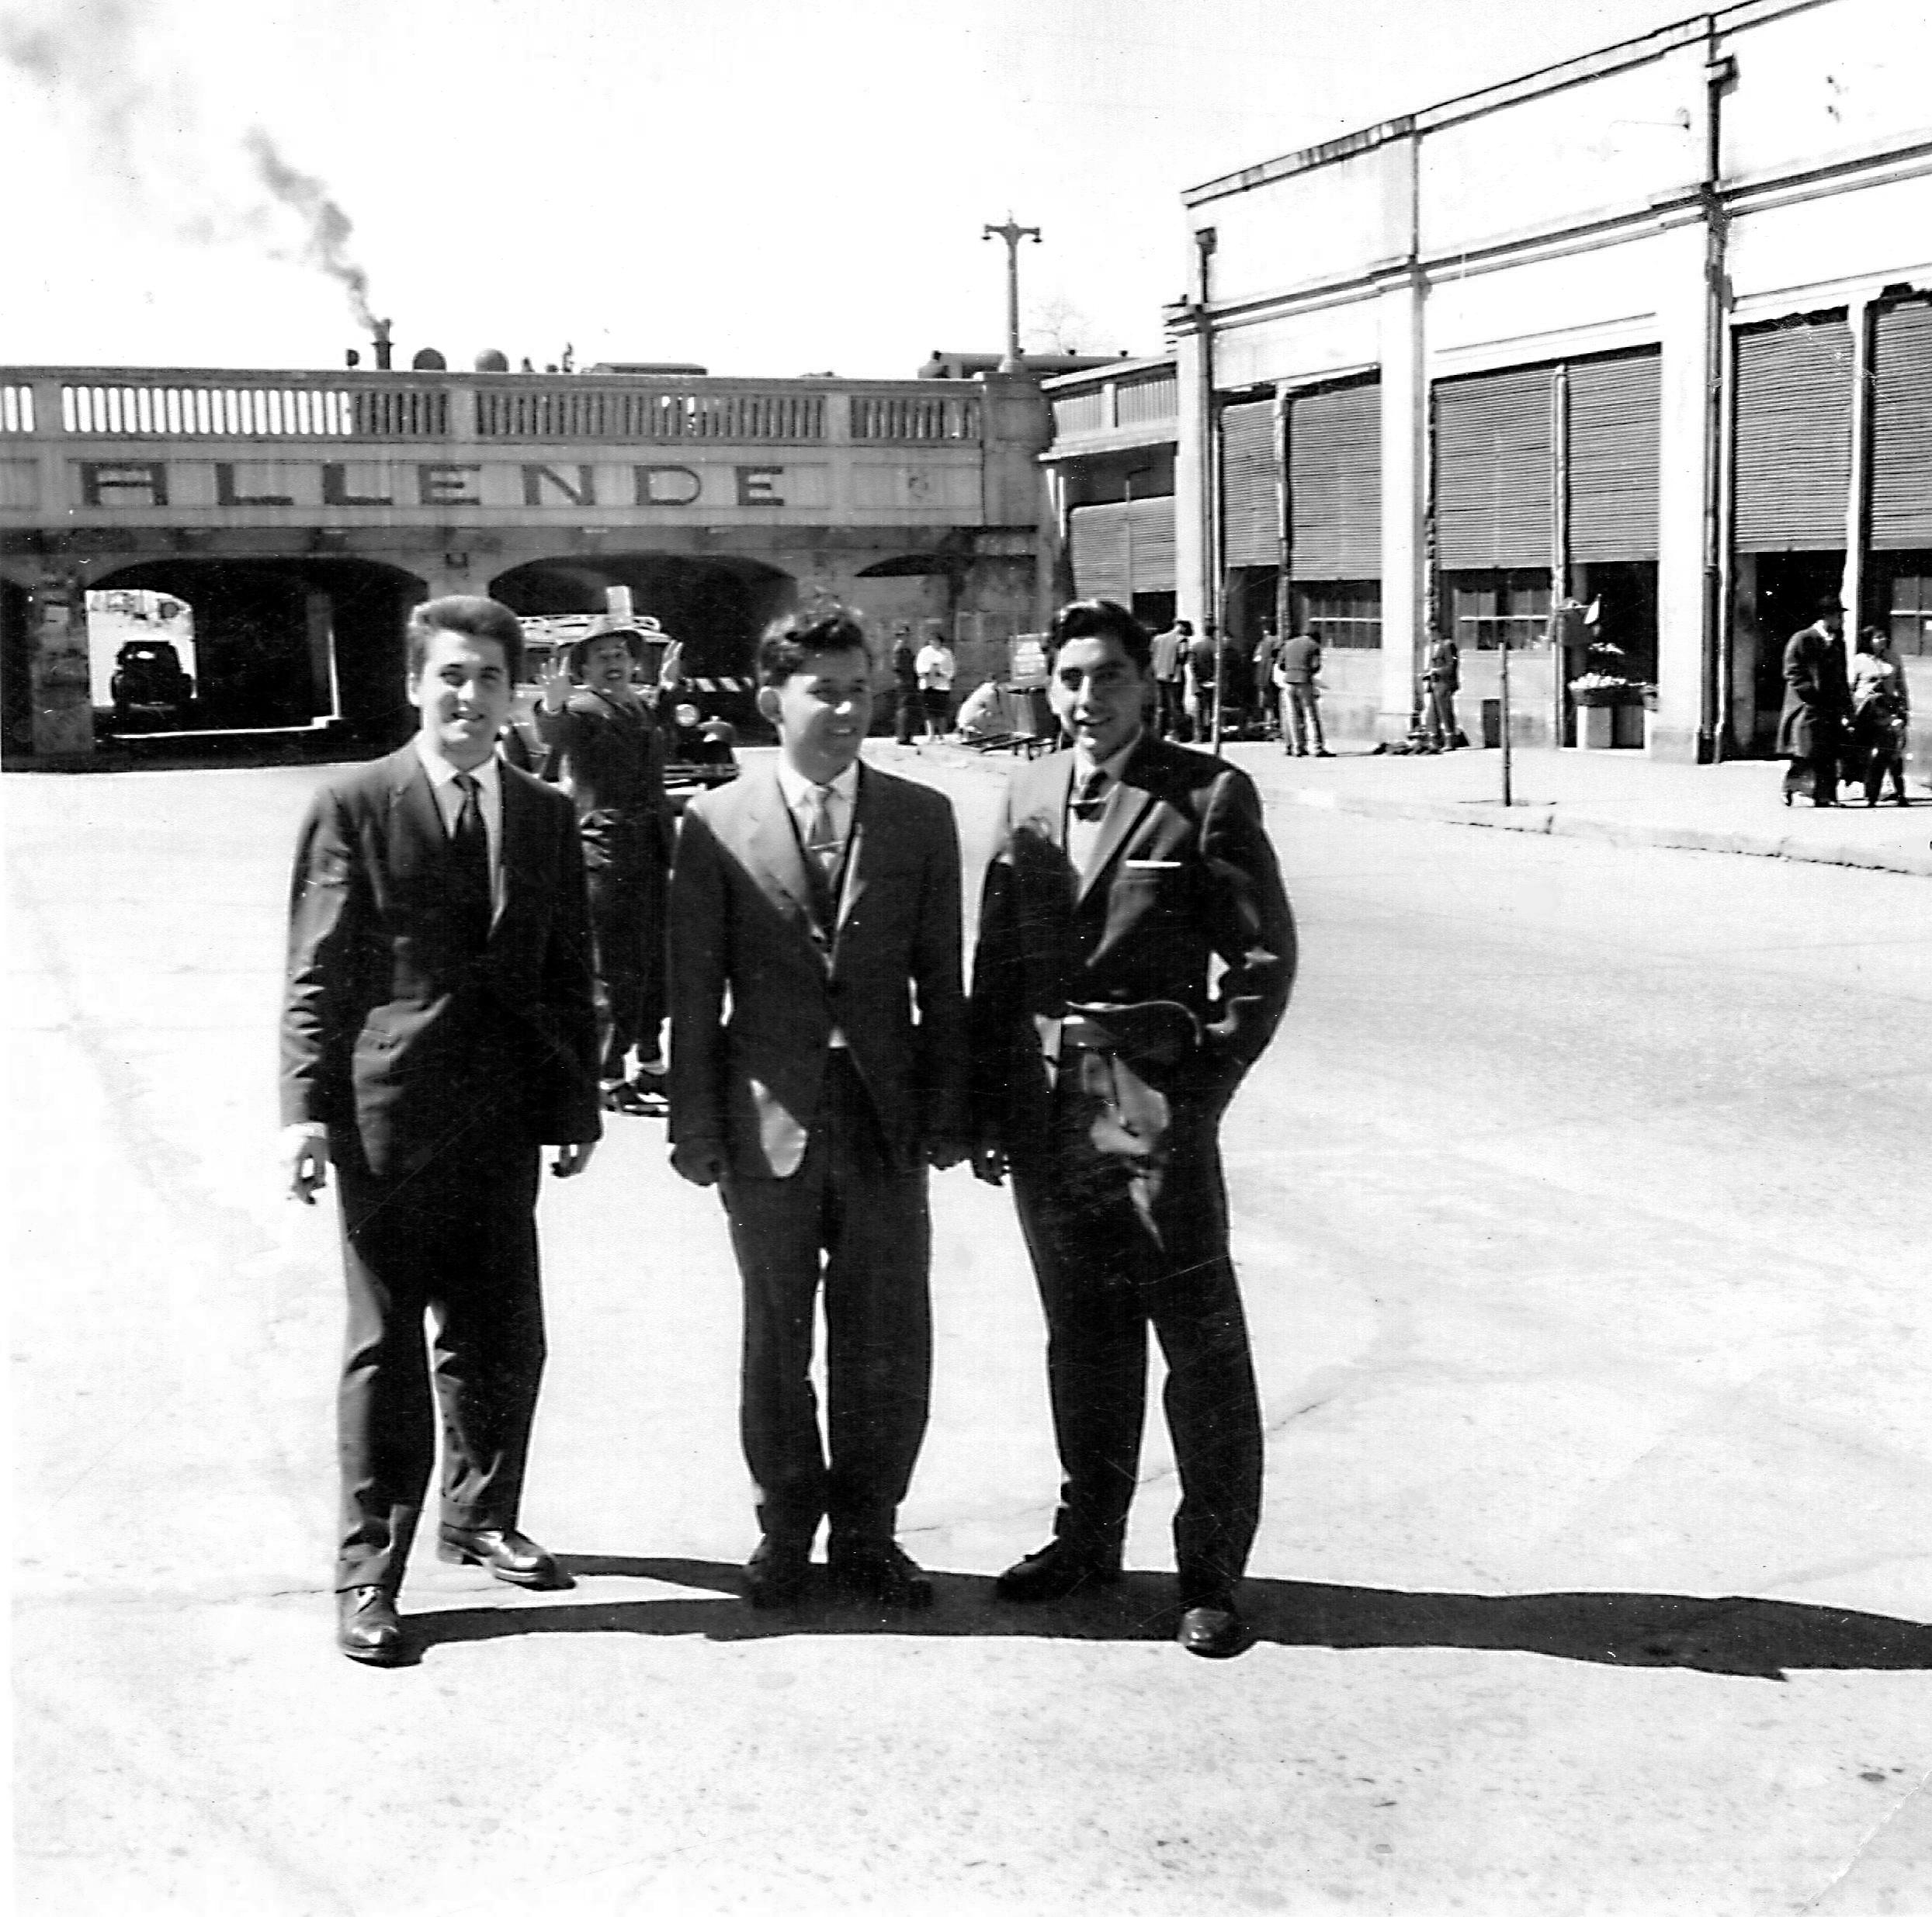 Enterreno - Fotos históricas de chile - fotos antiguas de Chile - Primavera en el centro de Talca, 1964